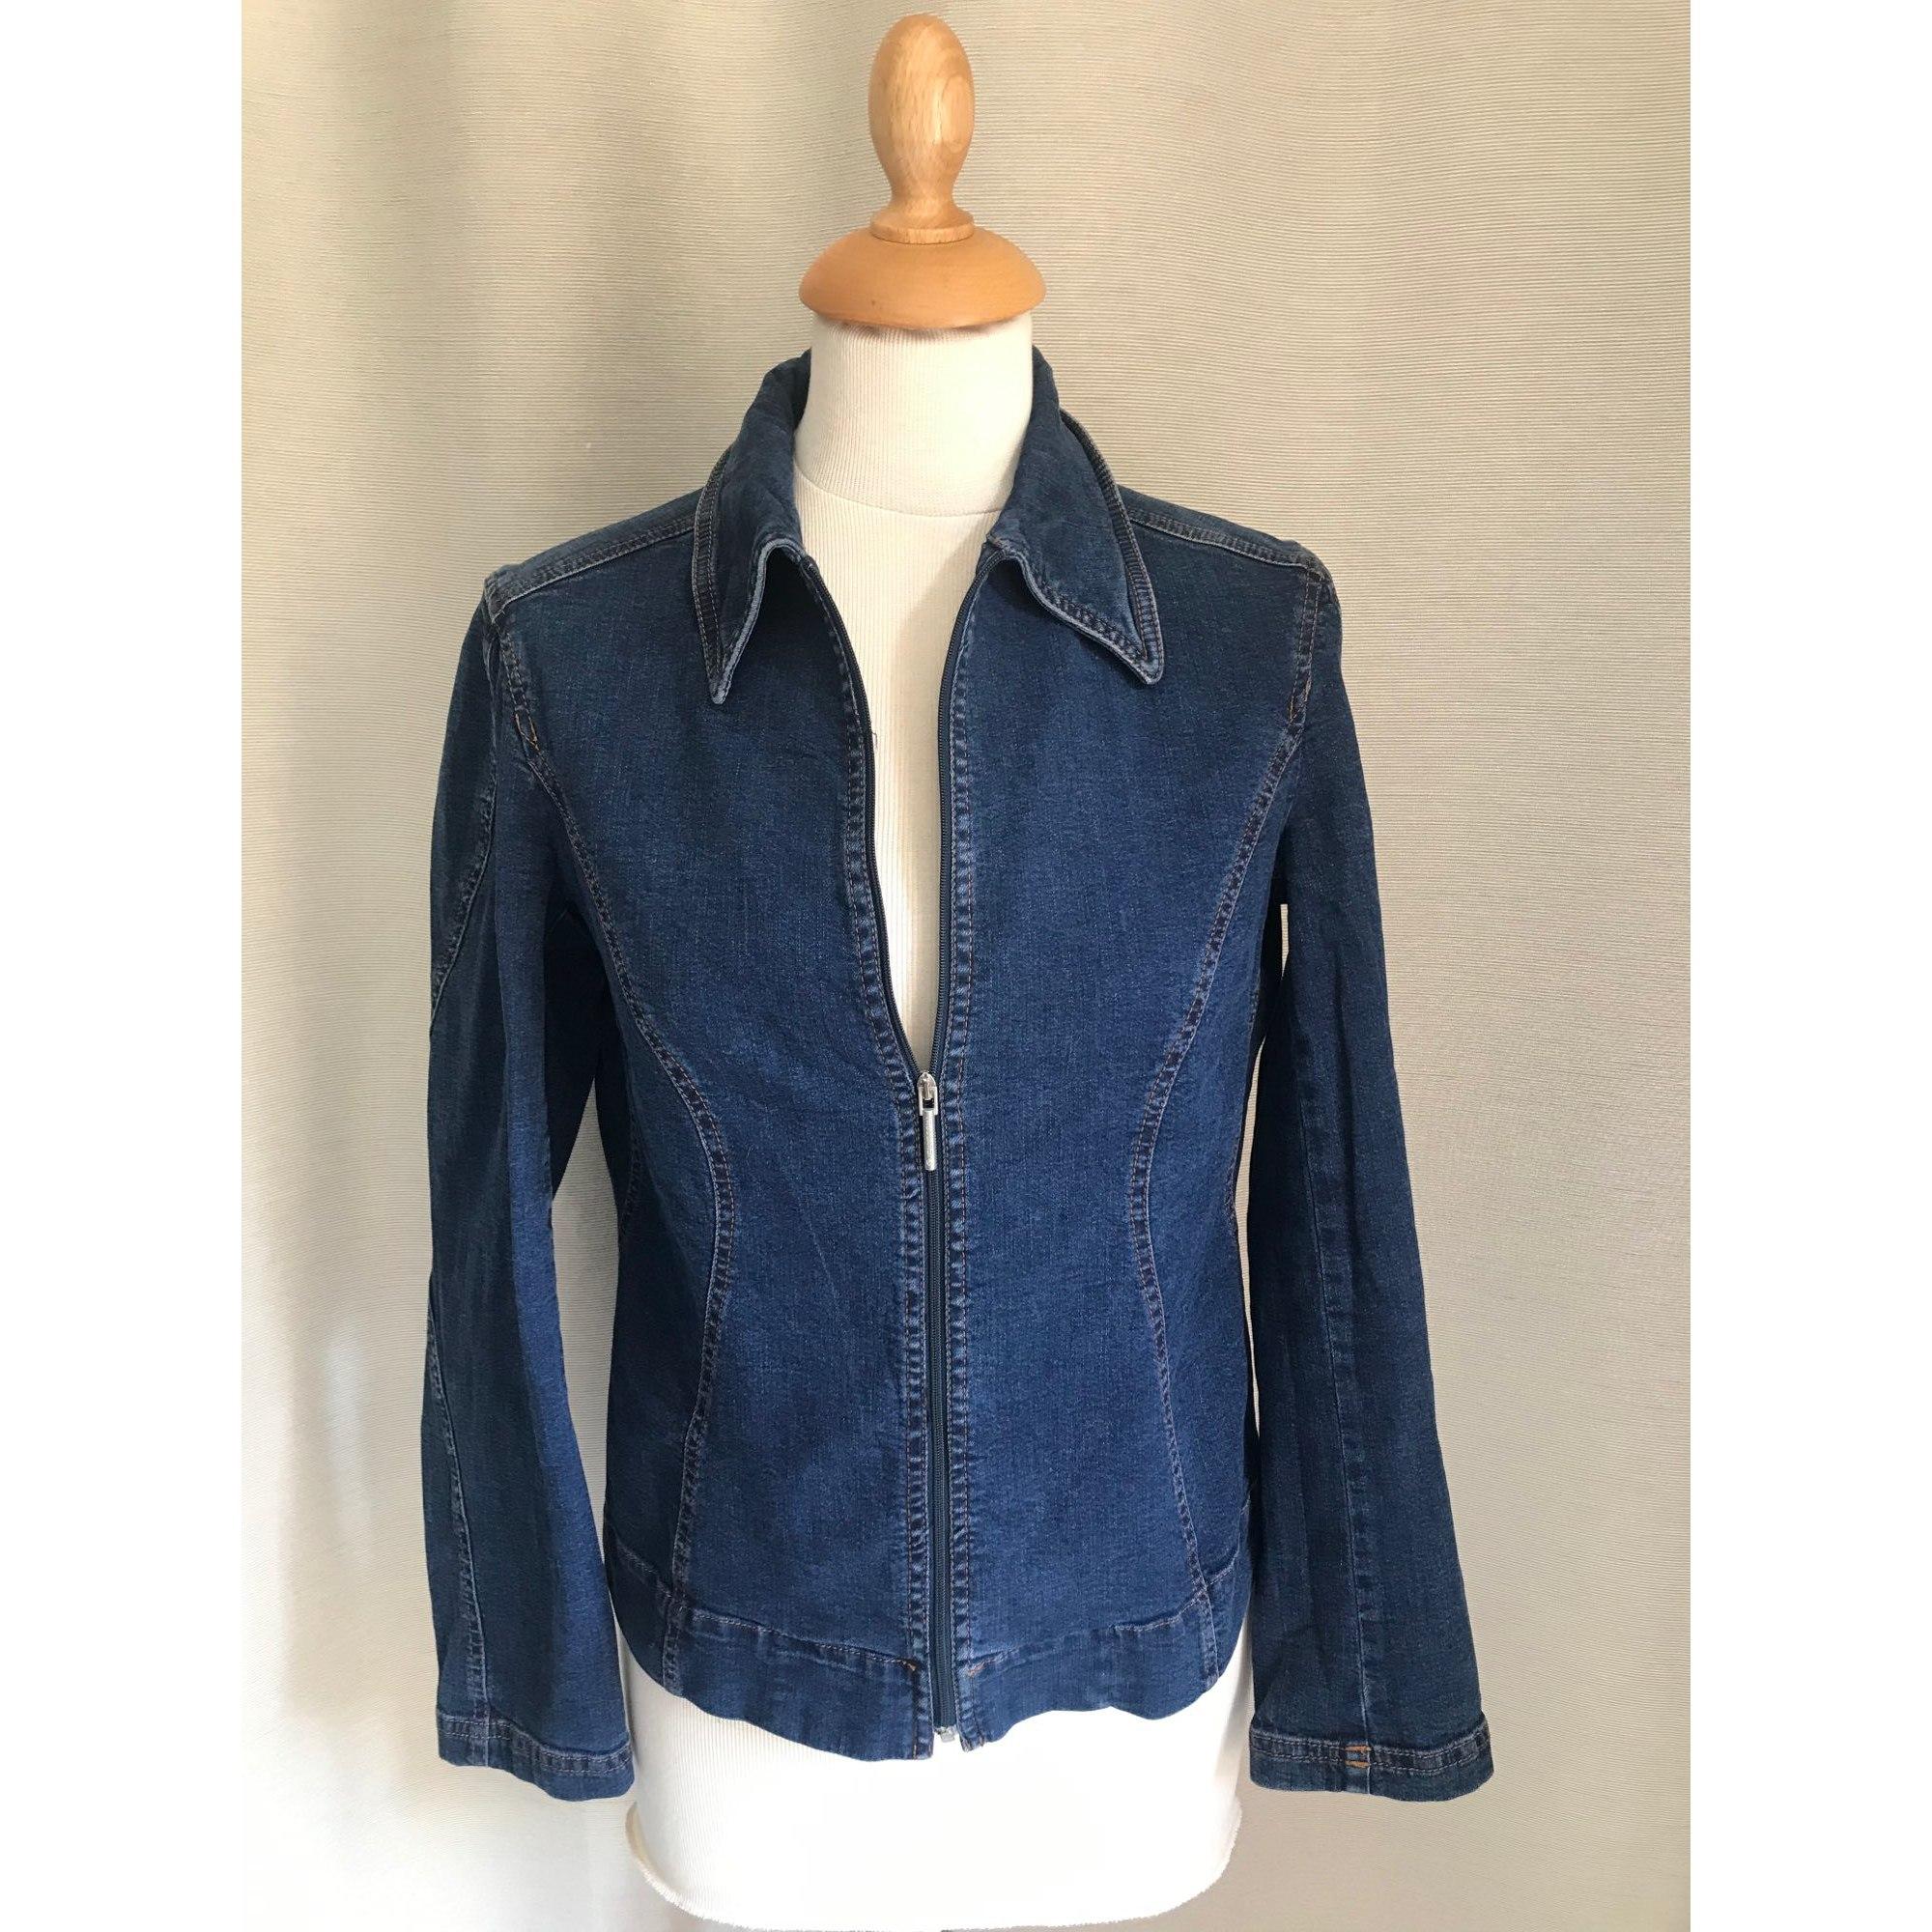 Veste en jean TRUSSARDI Bleu, bleu marine, bleu turquoise